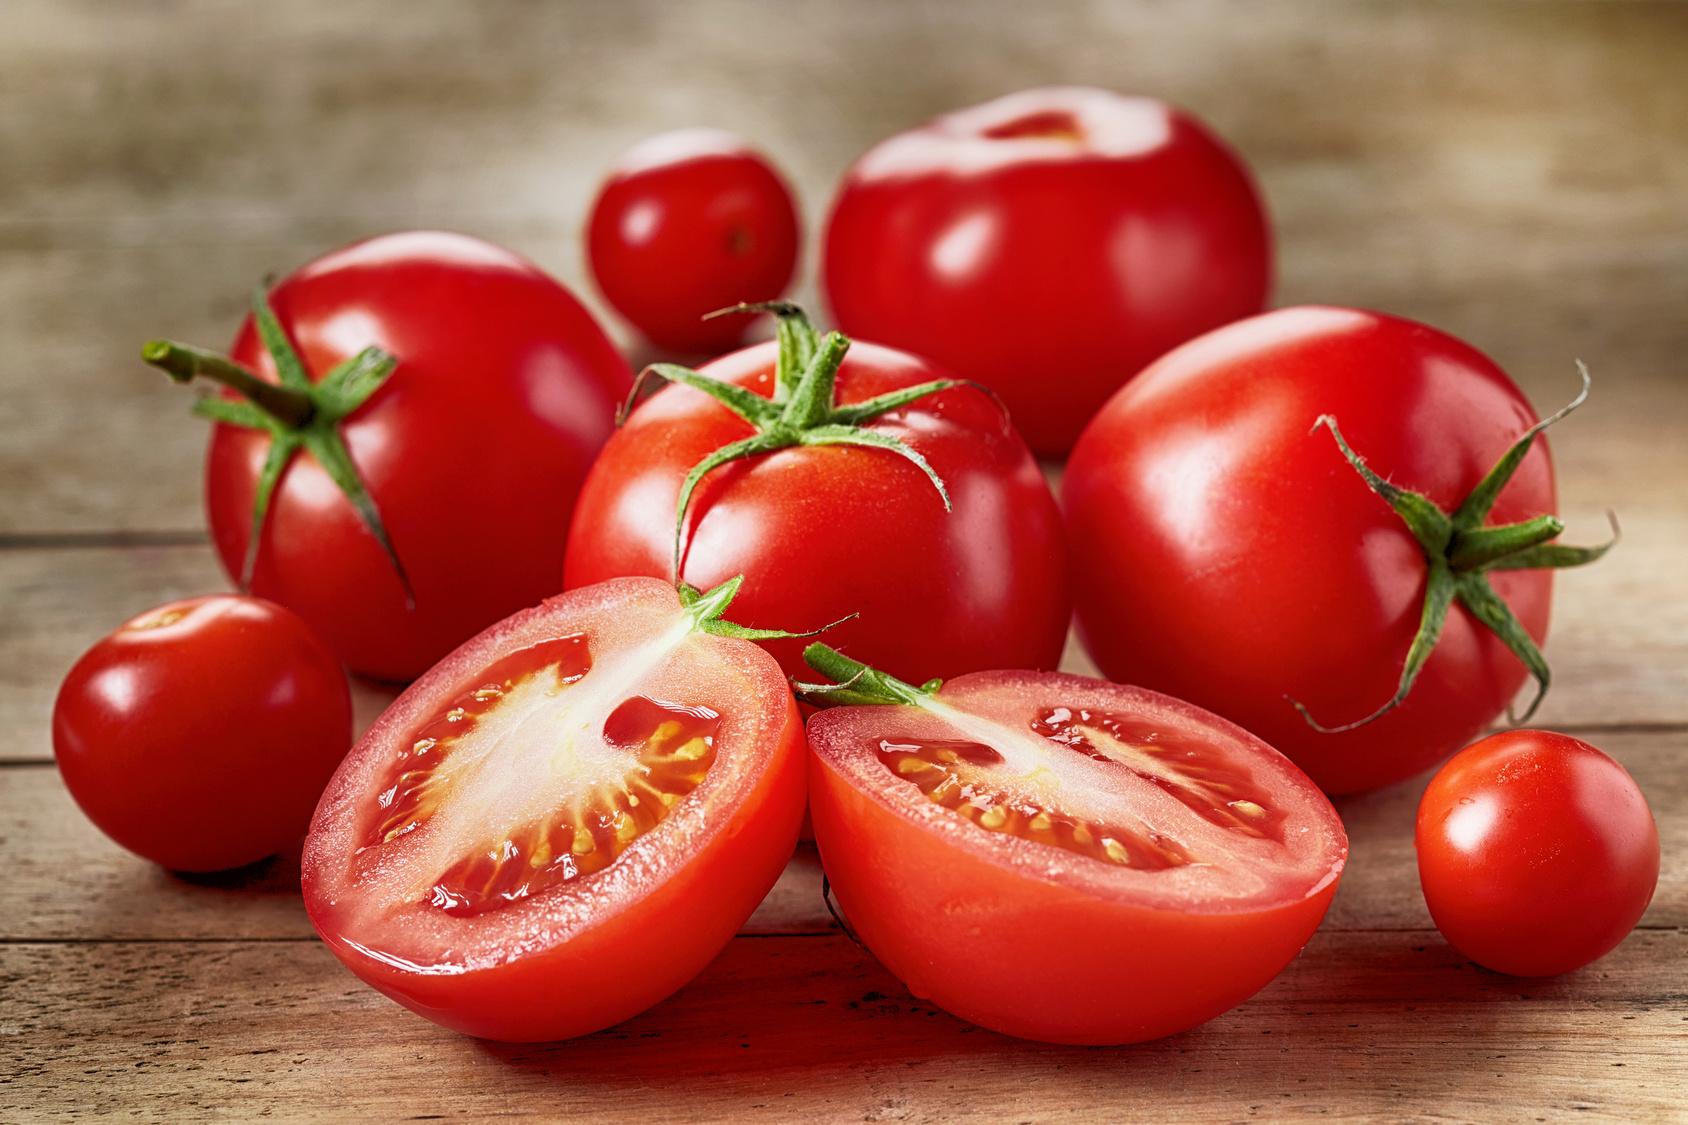 pomodoro azienda pesticidi